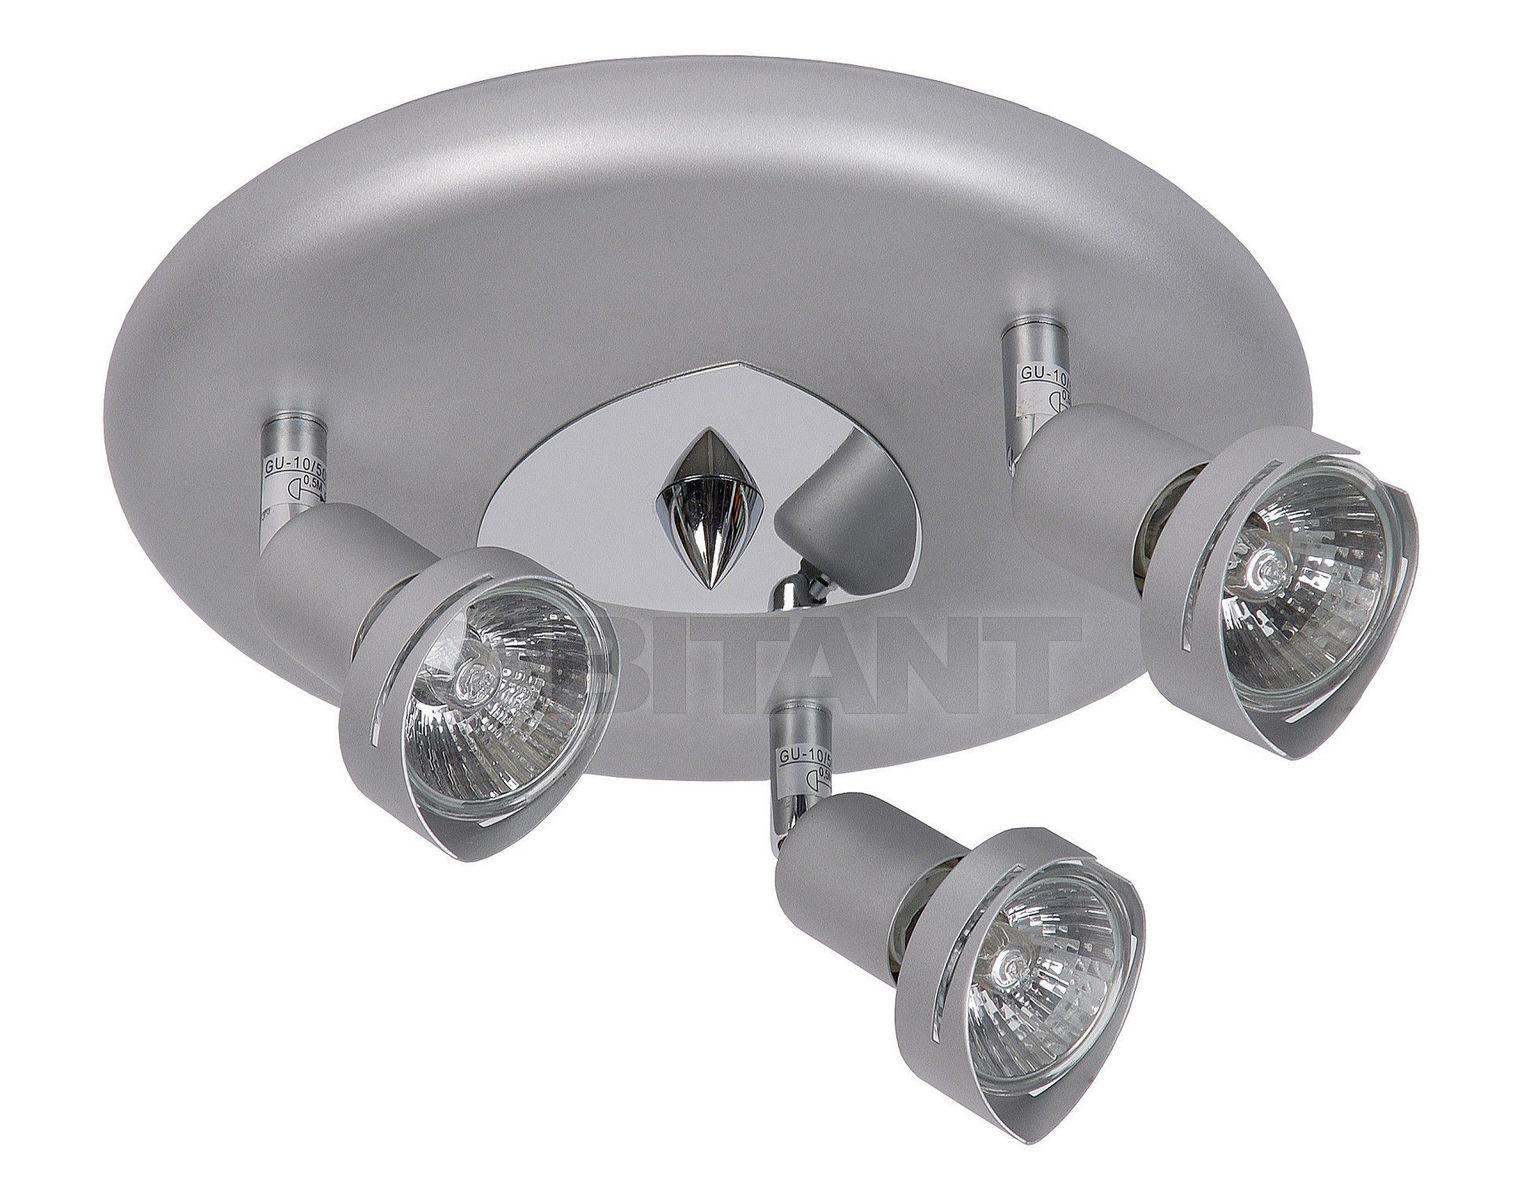 Купить Светильник-спот ELLA Lucide  Ceiling & Wall Lights 12922/13/36